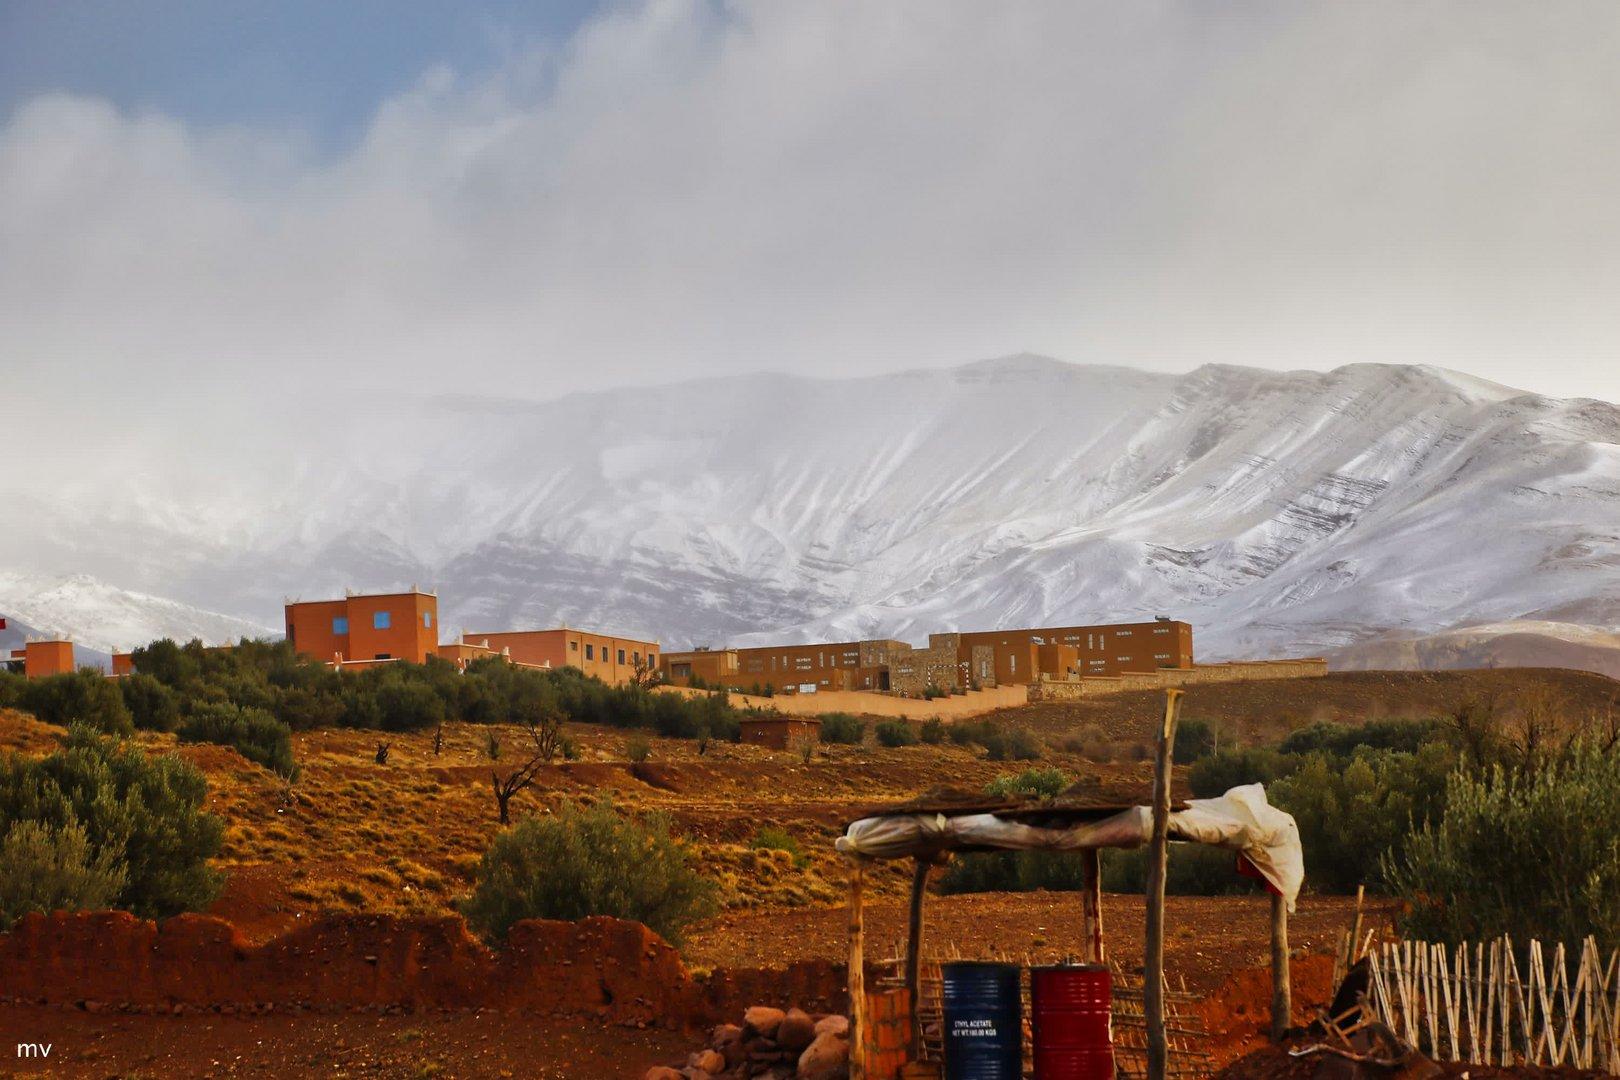 In Marokko liegt schon Schnee